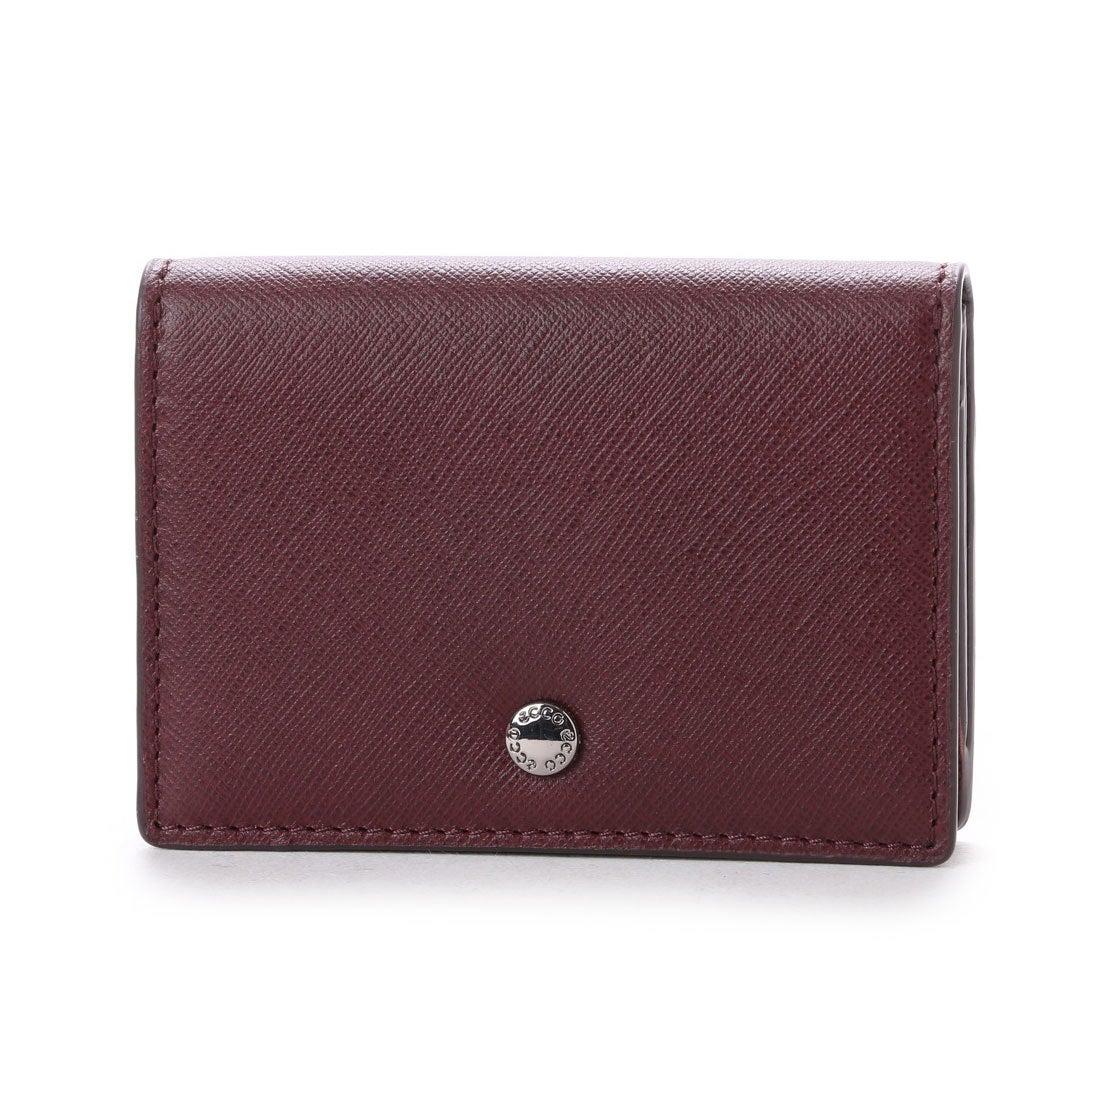 bb3f96a7dd エコー ECCO Iola Card Case (WINE) -アウトレット通販 ロコレット ...